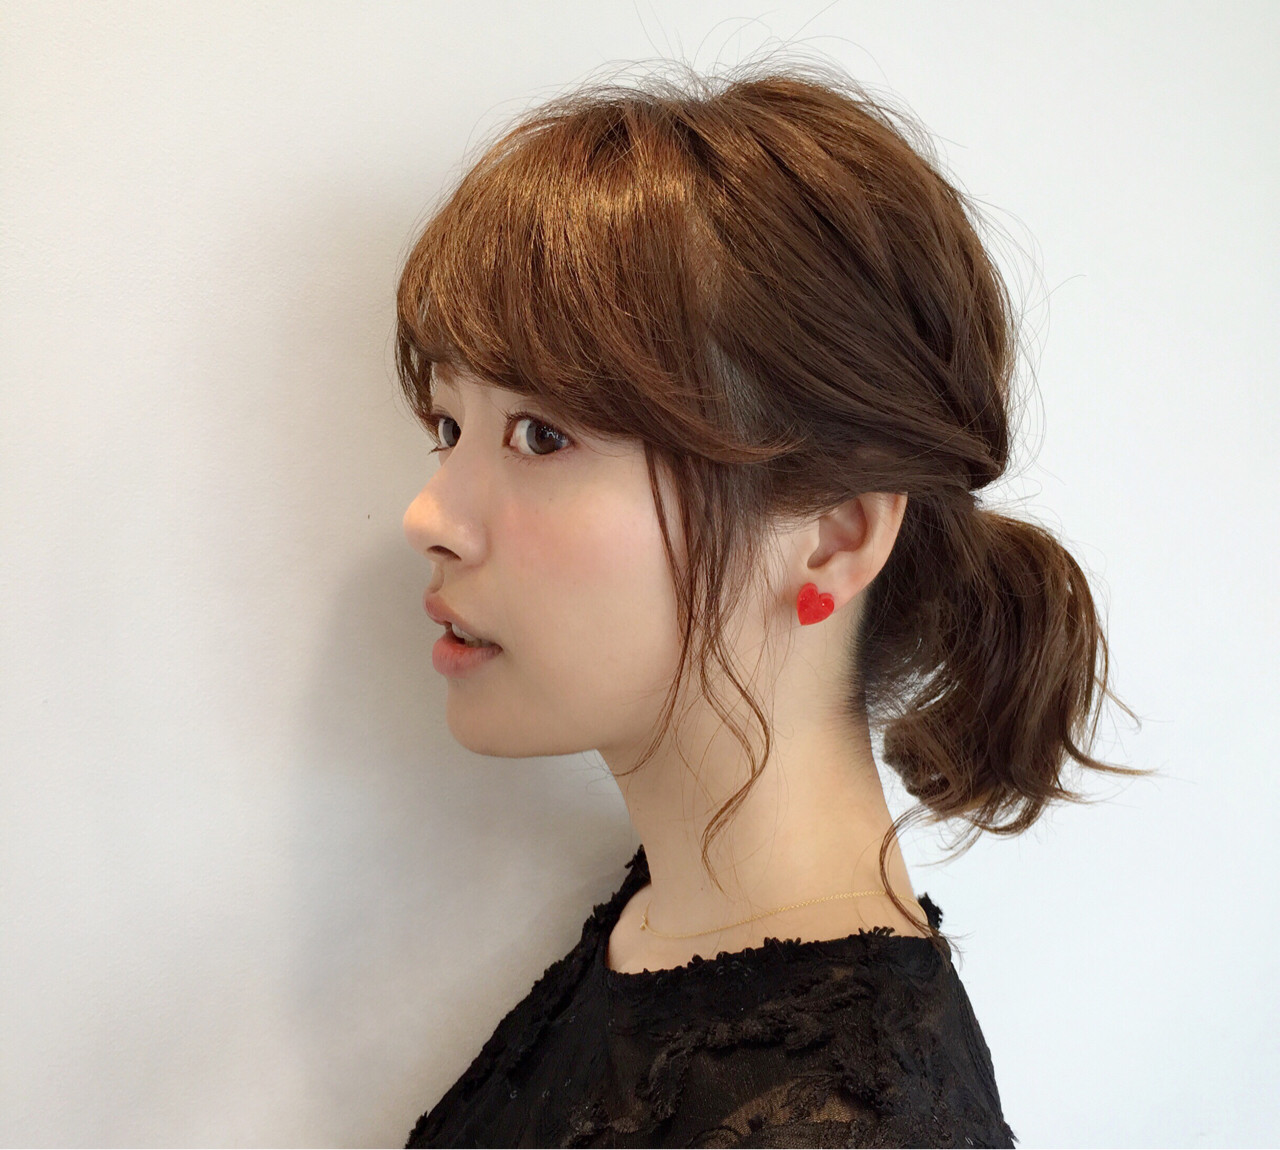 ヘアアレンジ デート ナチュラル 前髪あり ヘアスタイルや髪型の写真・画像 | 薬袋 光 / KIKKAKE@depth